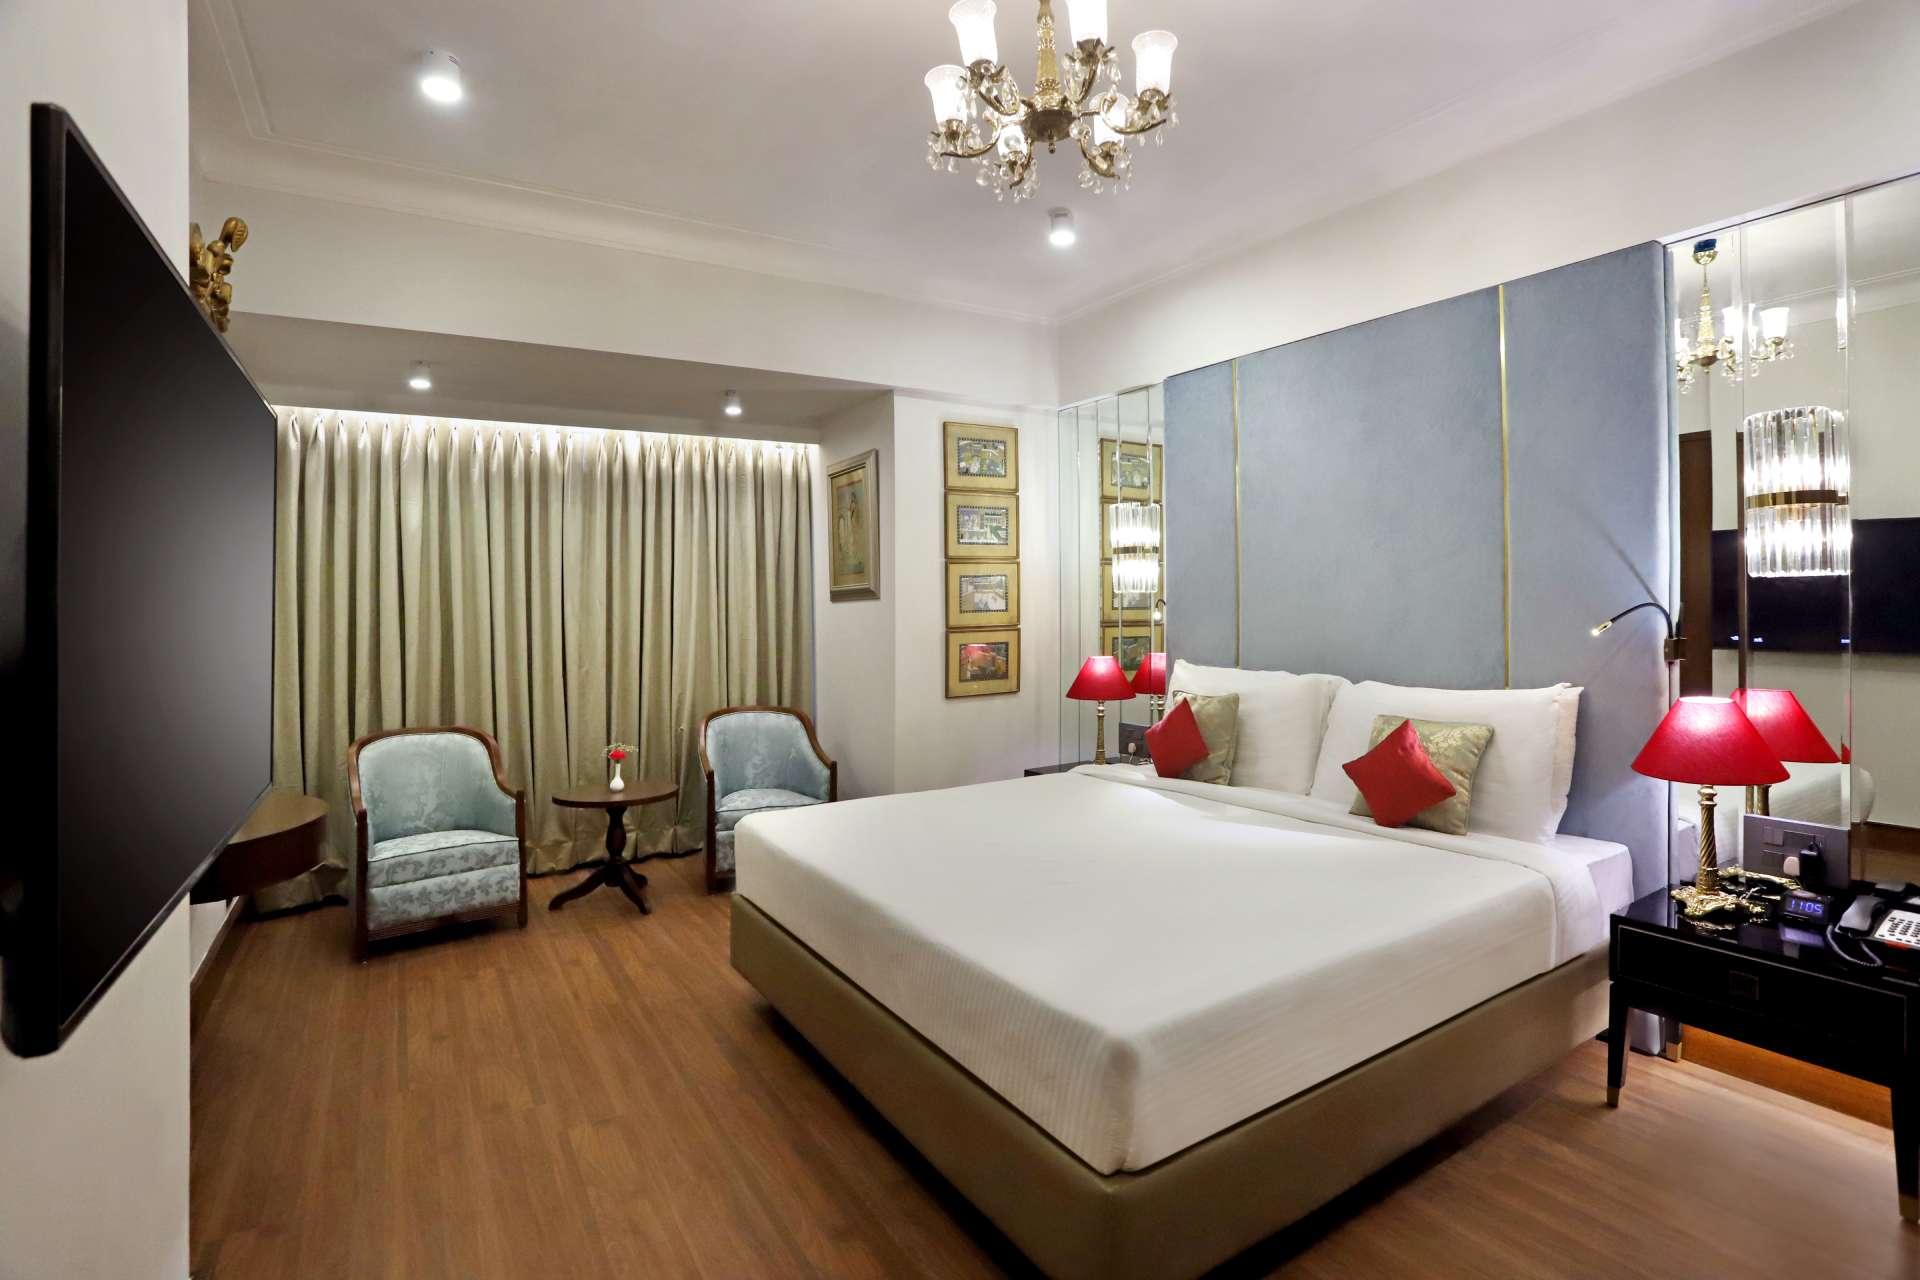 luxury room 506 ambassador hotels 6 - The Ambassador | Heritage Hotels in Mumbai, Aurangabad, Chennai - Luxury Suite